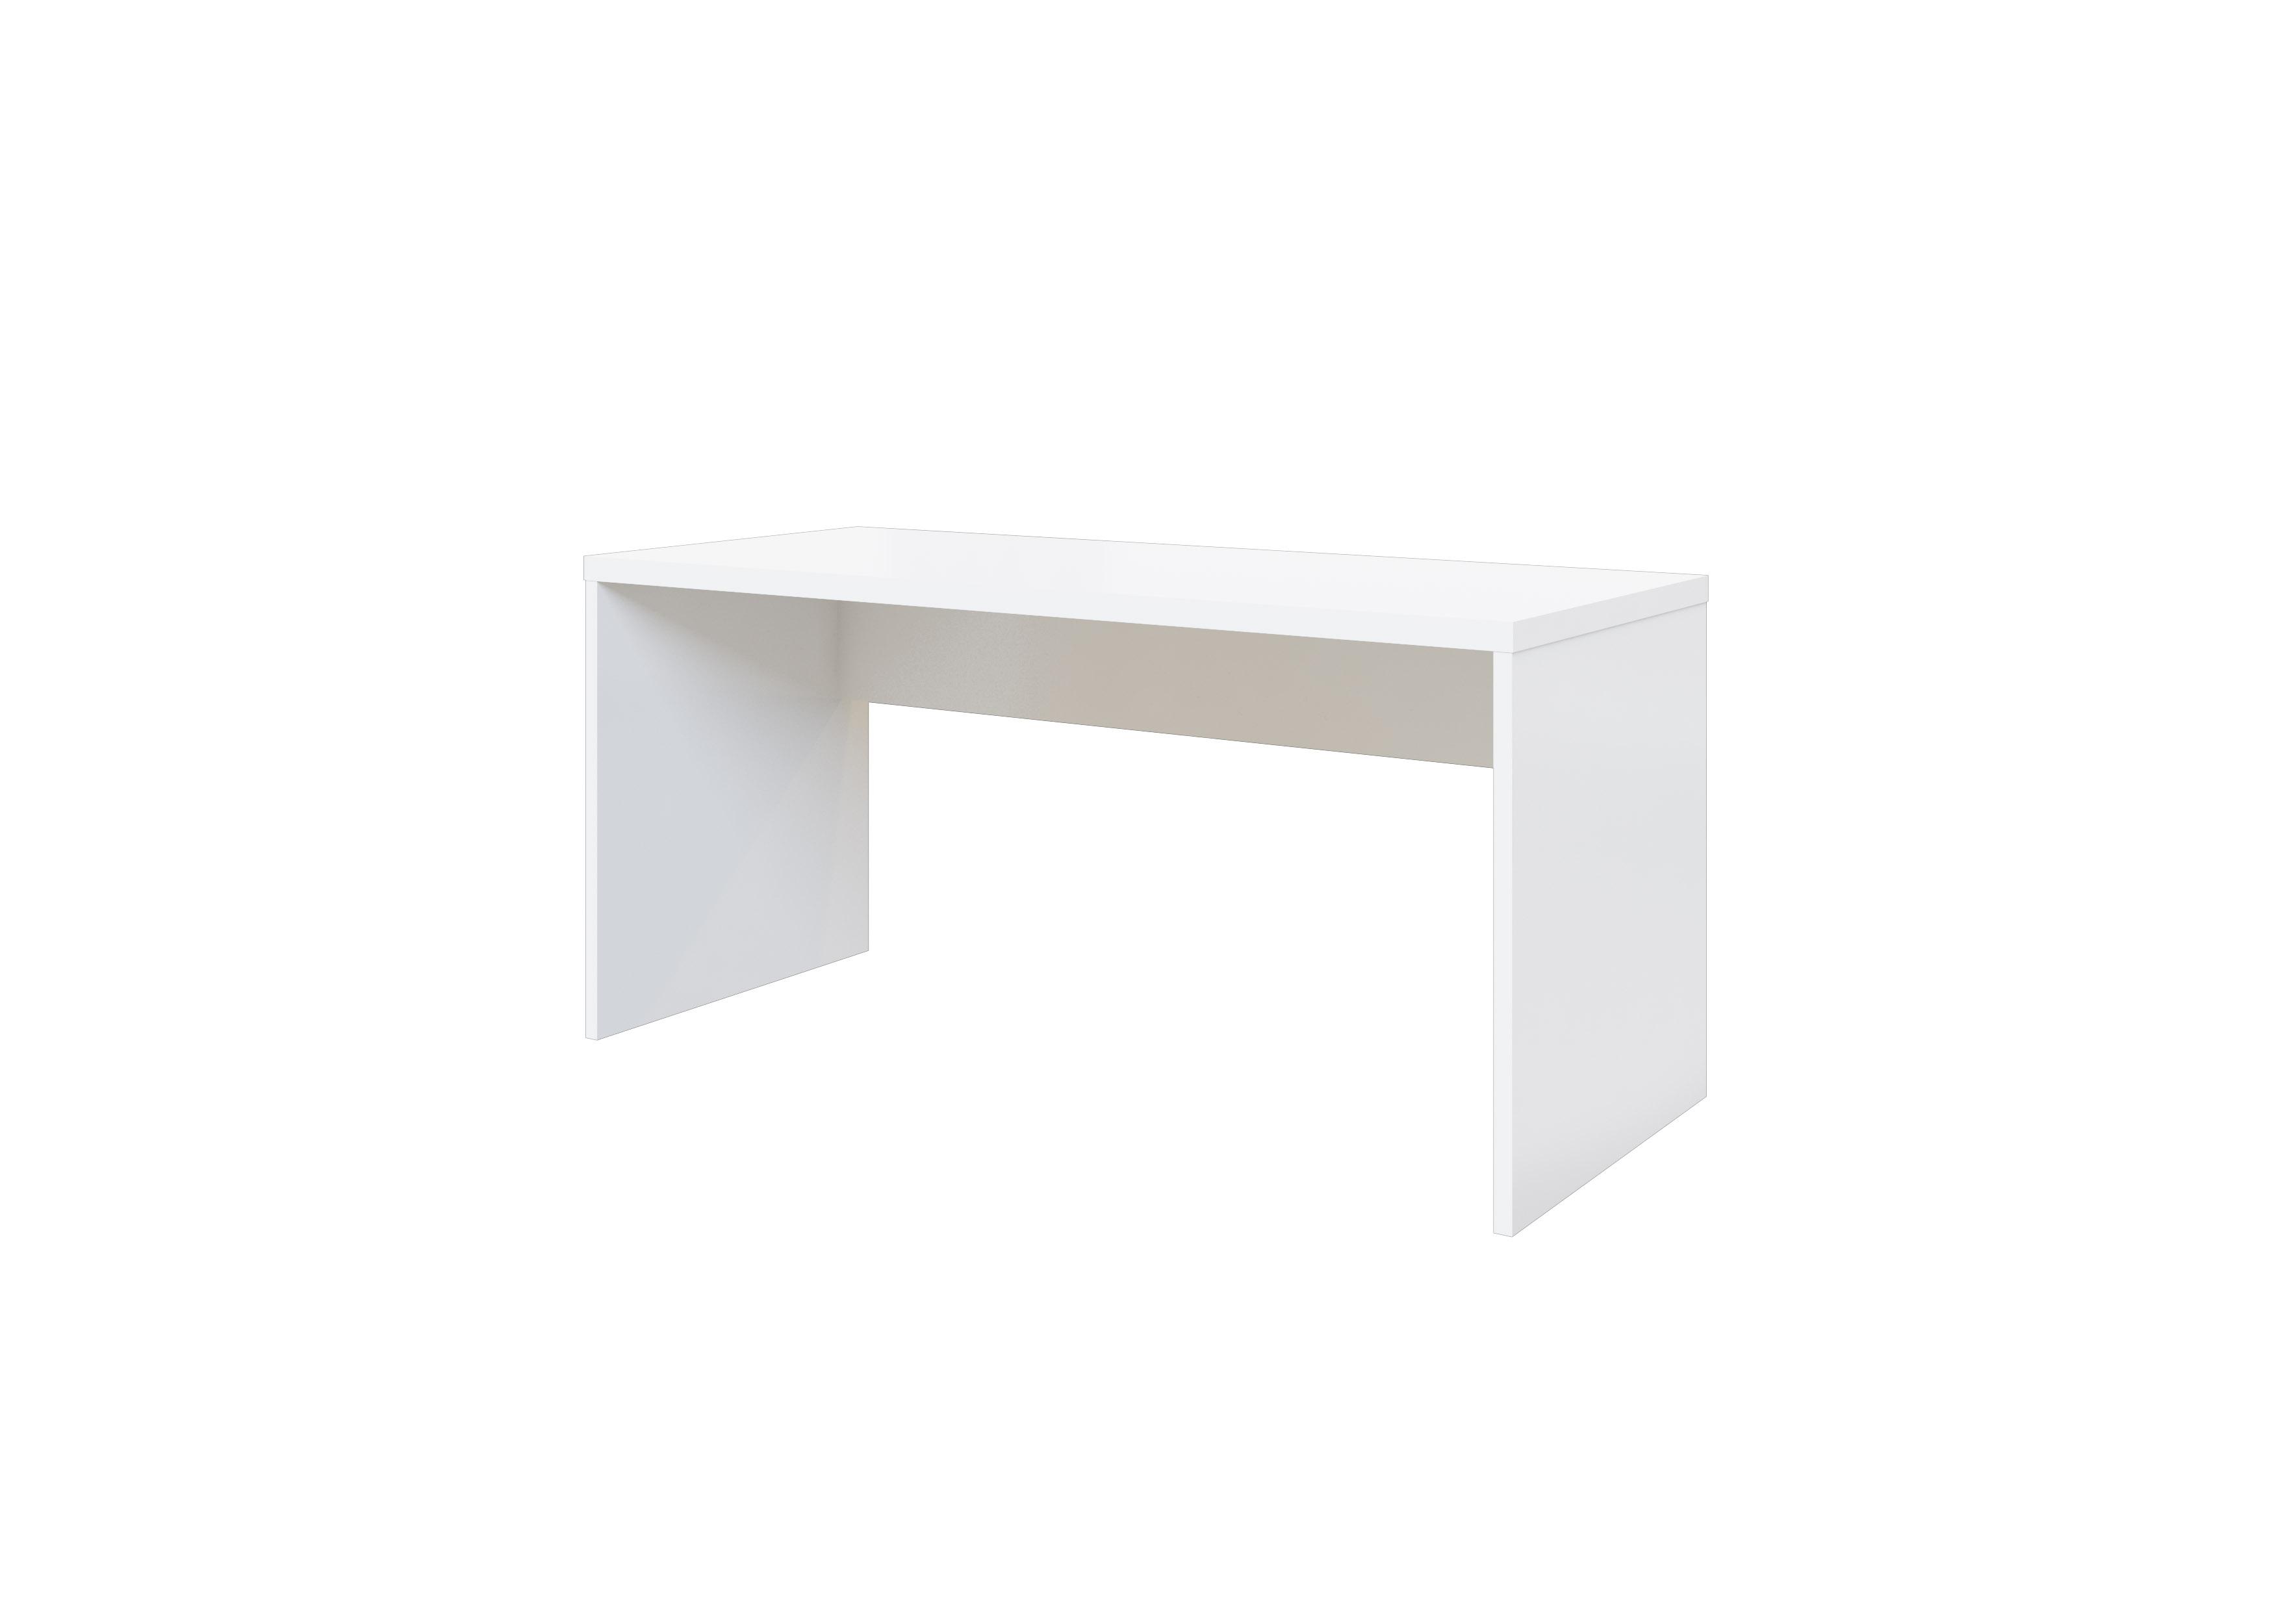 Schreibtisch Glossi in Weiss Hochglanz Lack versch. Größen